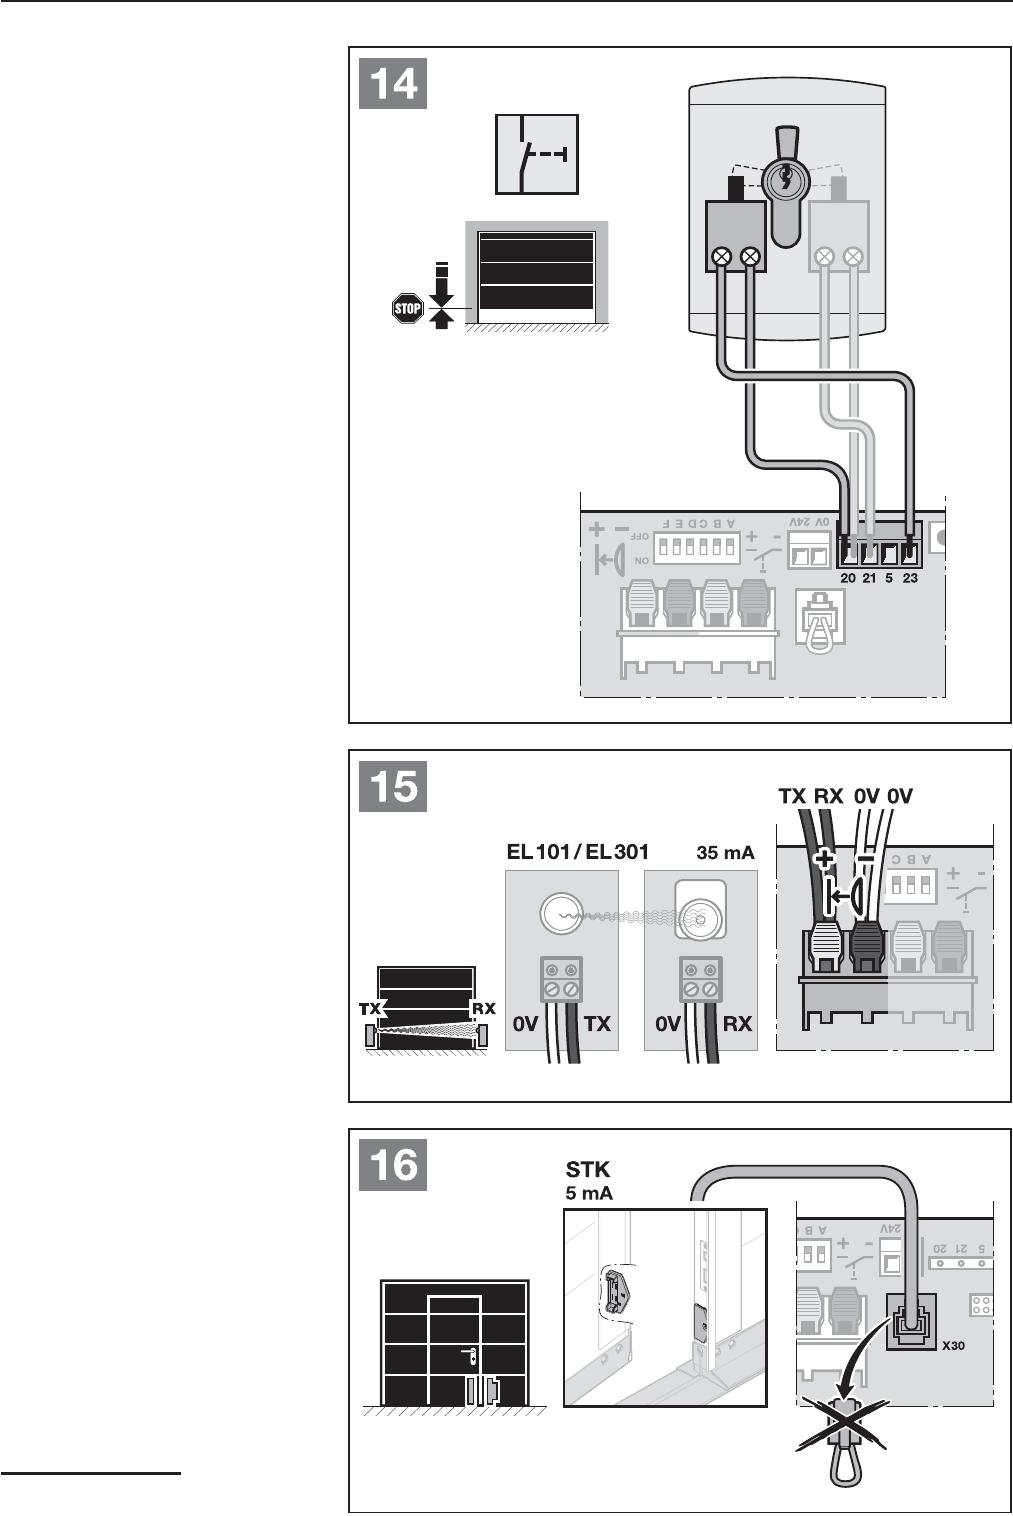 bedienungsanleitung hormann promatic 3 seite 27 von 124. Black Bedroom Furniture Sets. Home Design Ideas